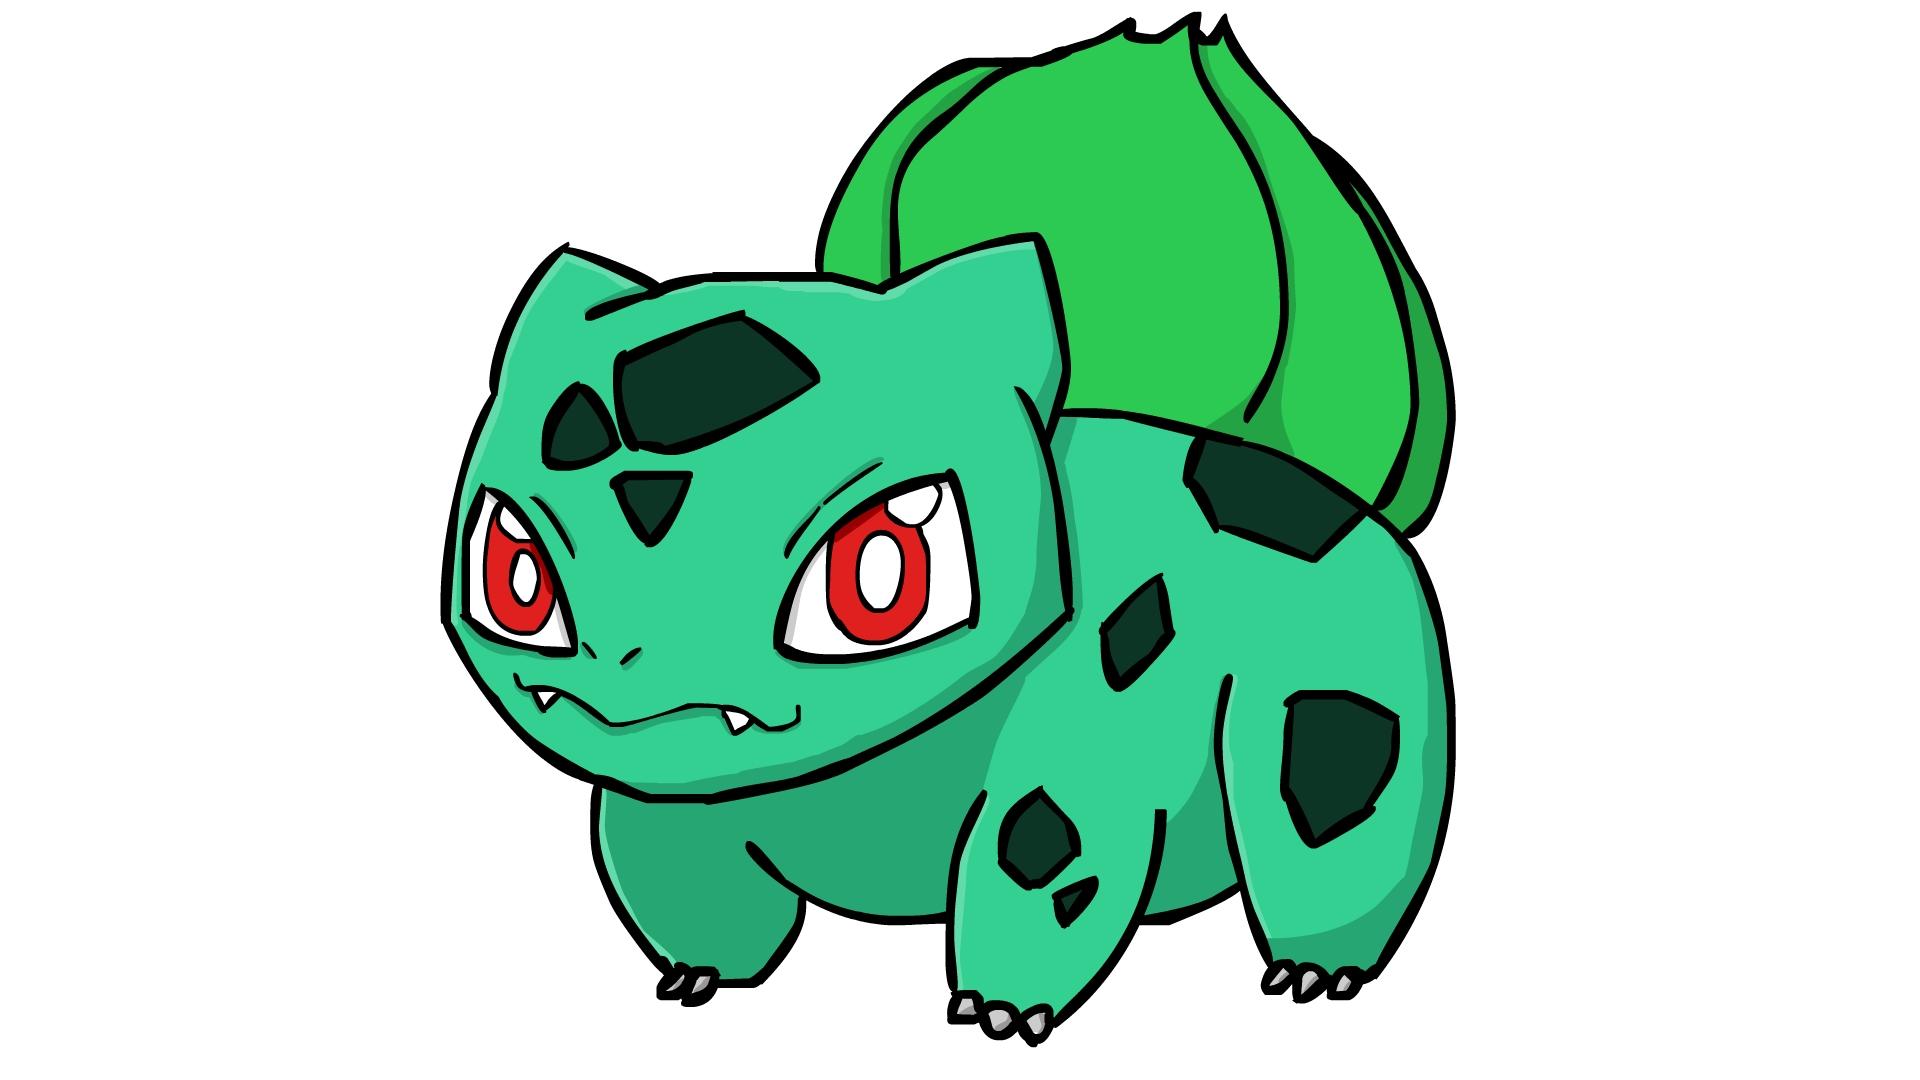 Kawaii Bulbasaur